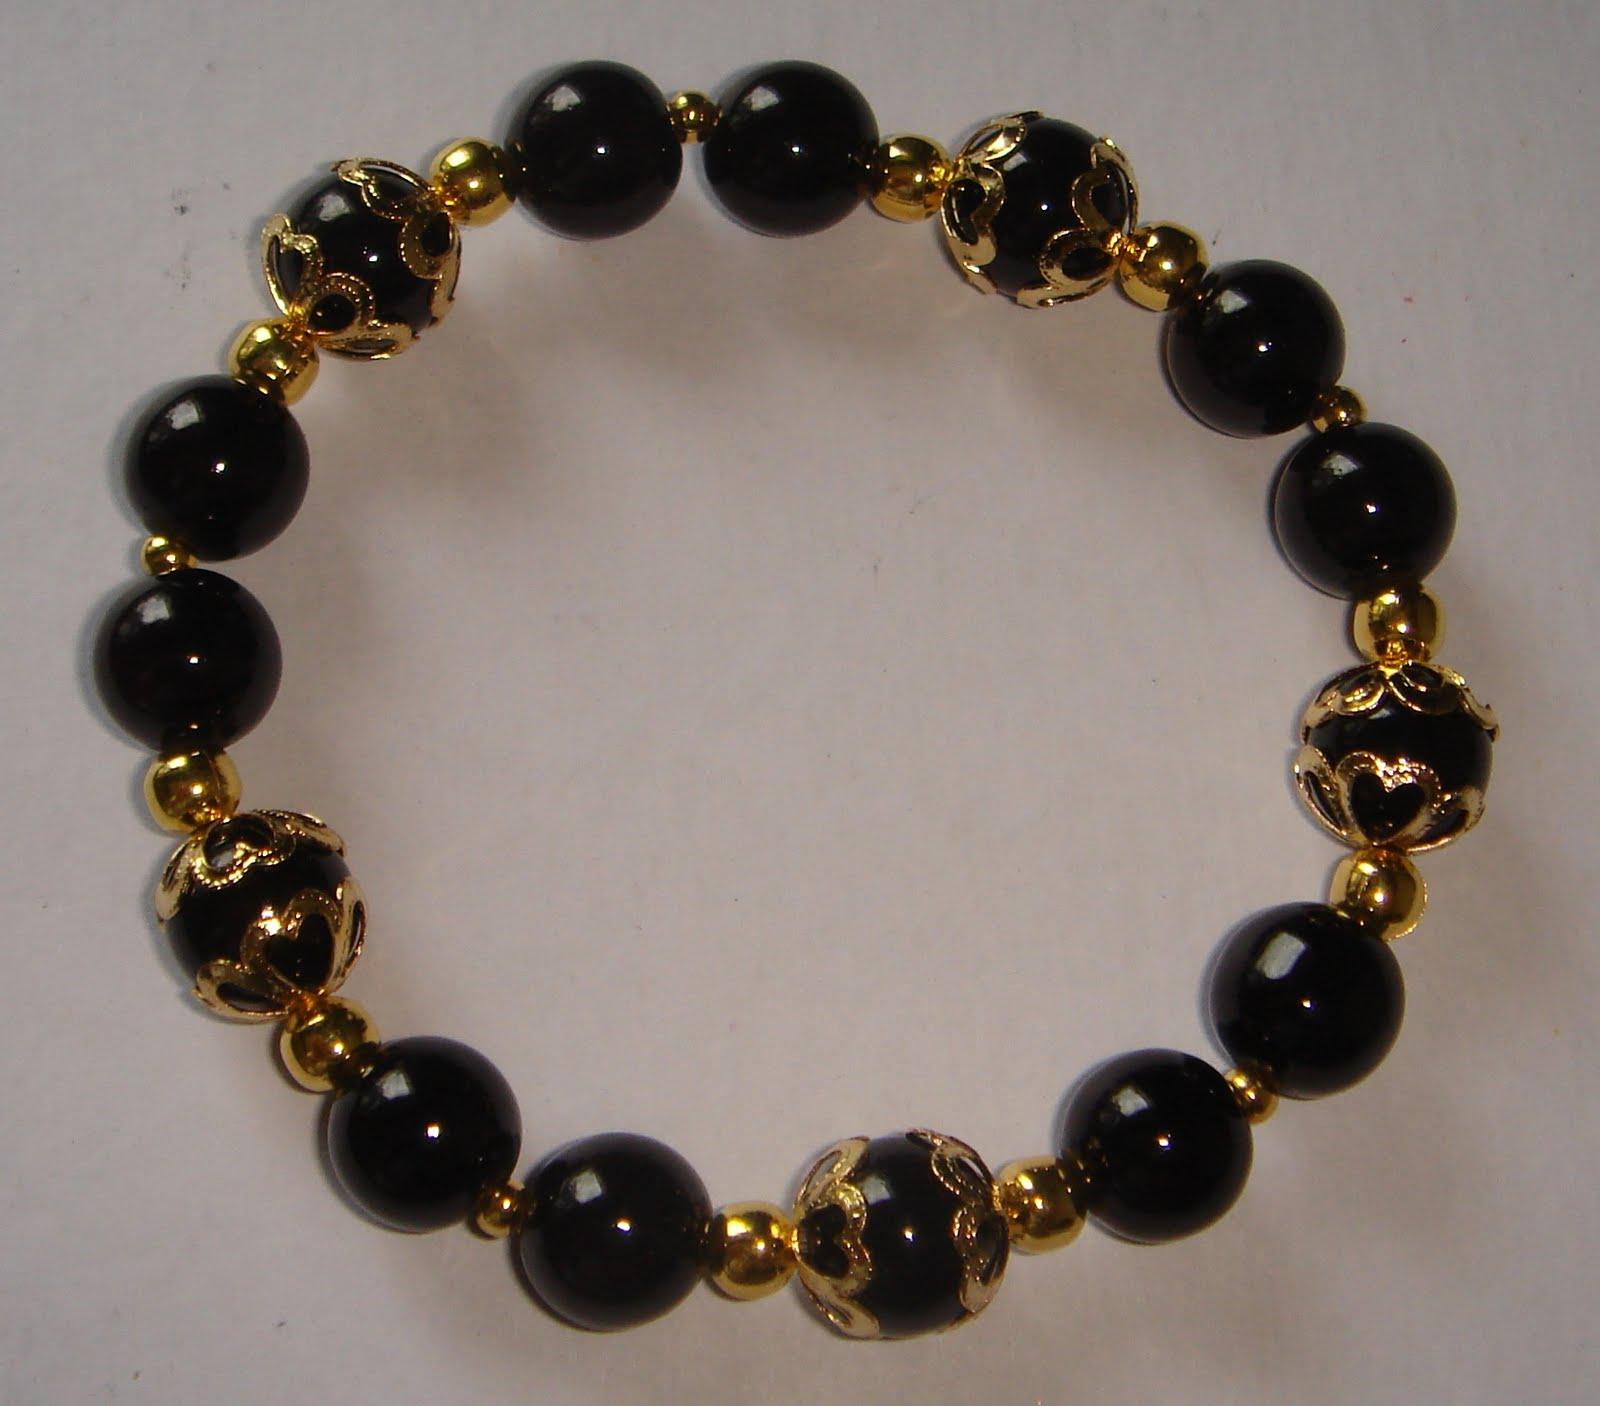 765480ef82a8 104 B 70 Collar de piedras negras con detalle en corazón dorado. Pulsera y  aros.